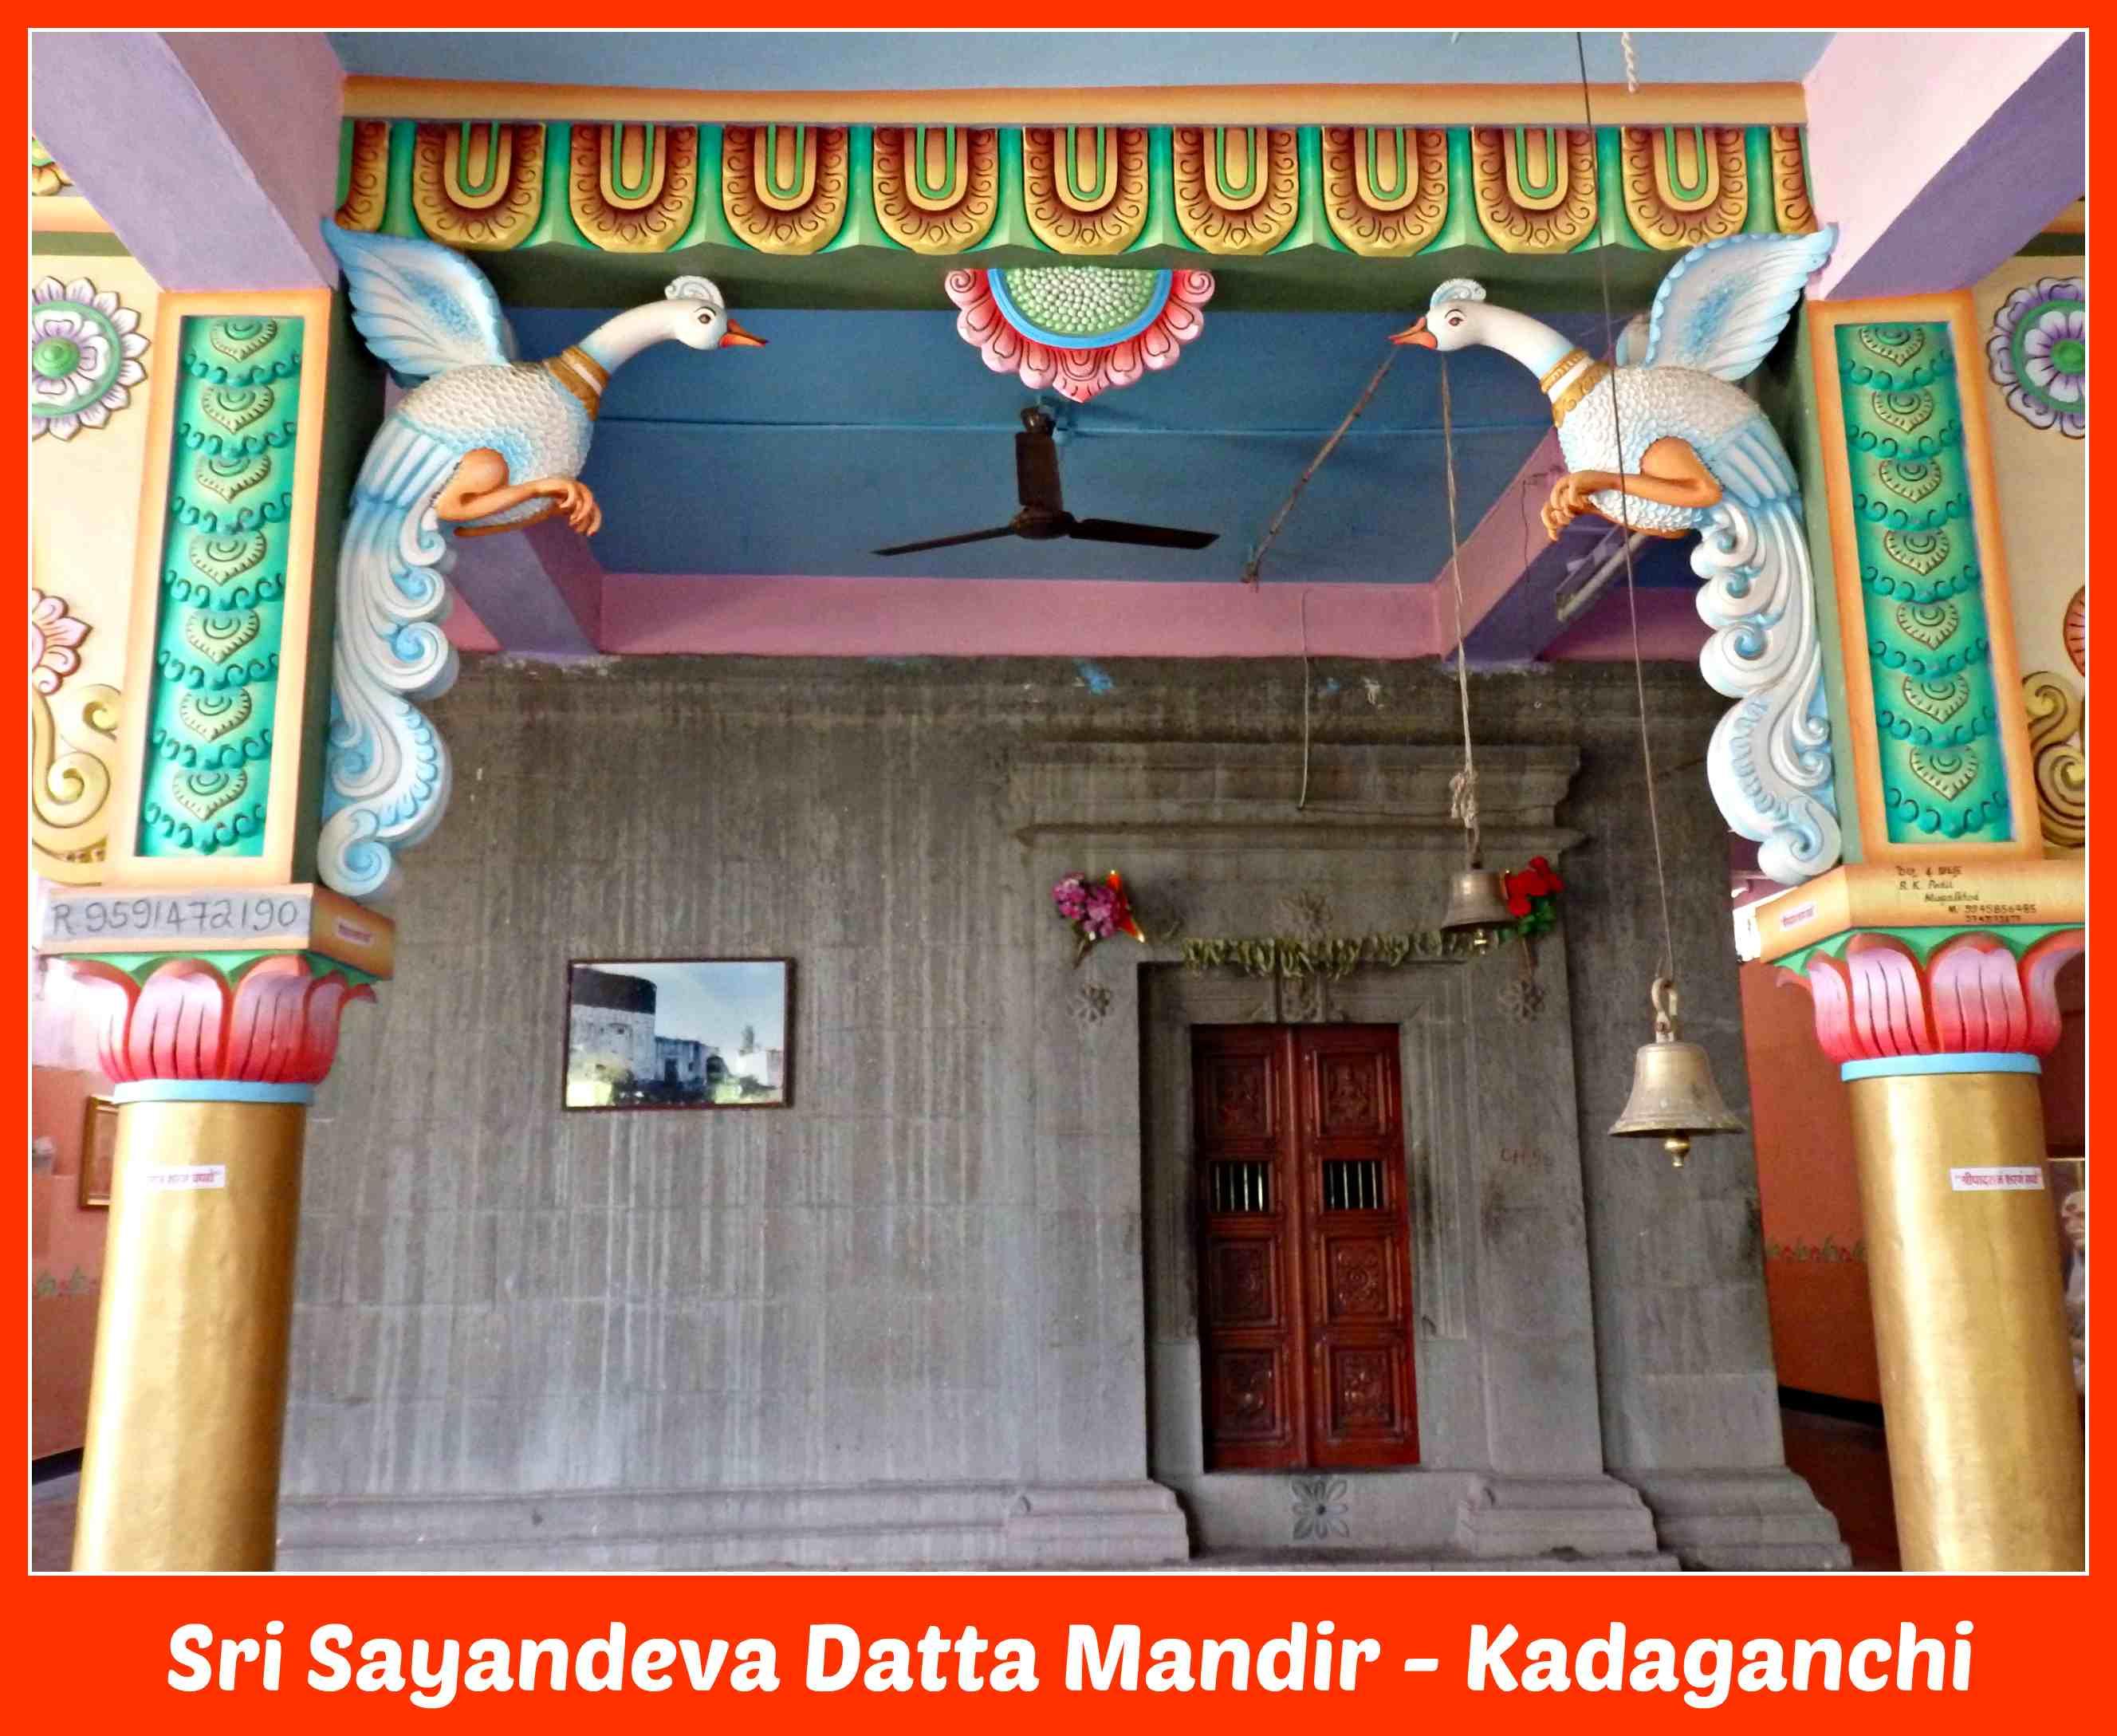 Sri Sayandeva Datta Mandir - Kadaganchi